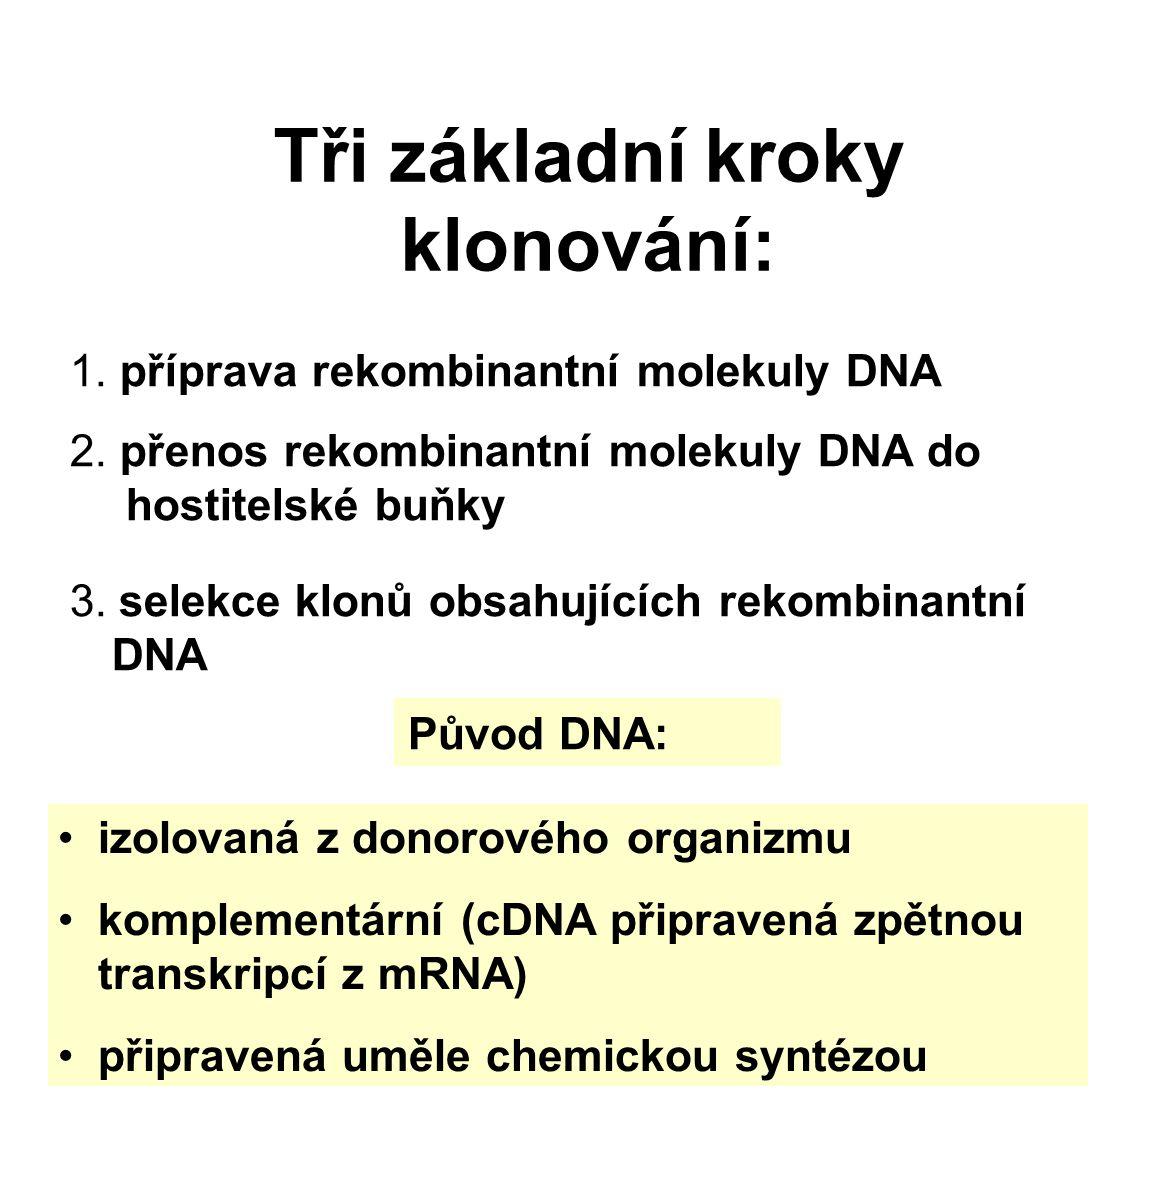 Tři základní kroky klonování: 1.příprava rekombinantní molekuly DNA 2.